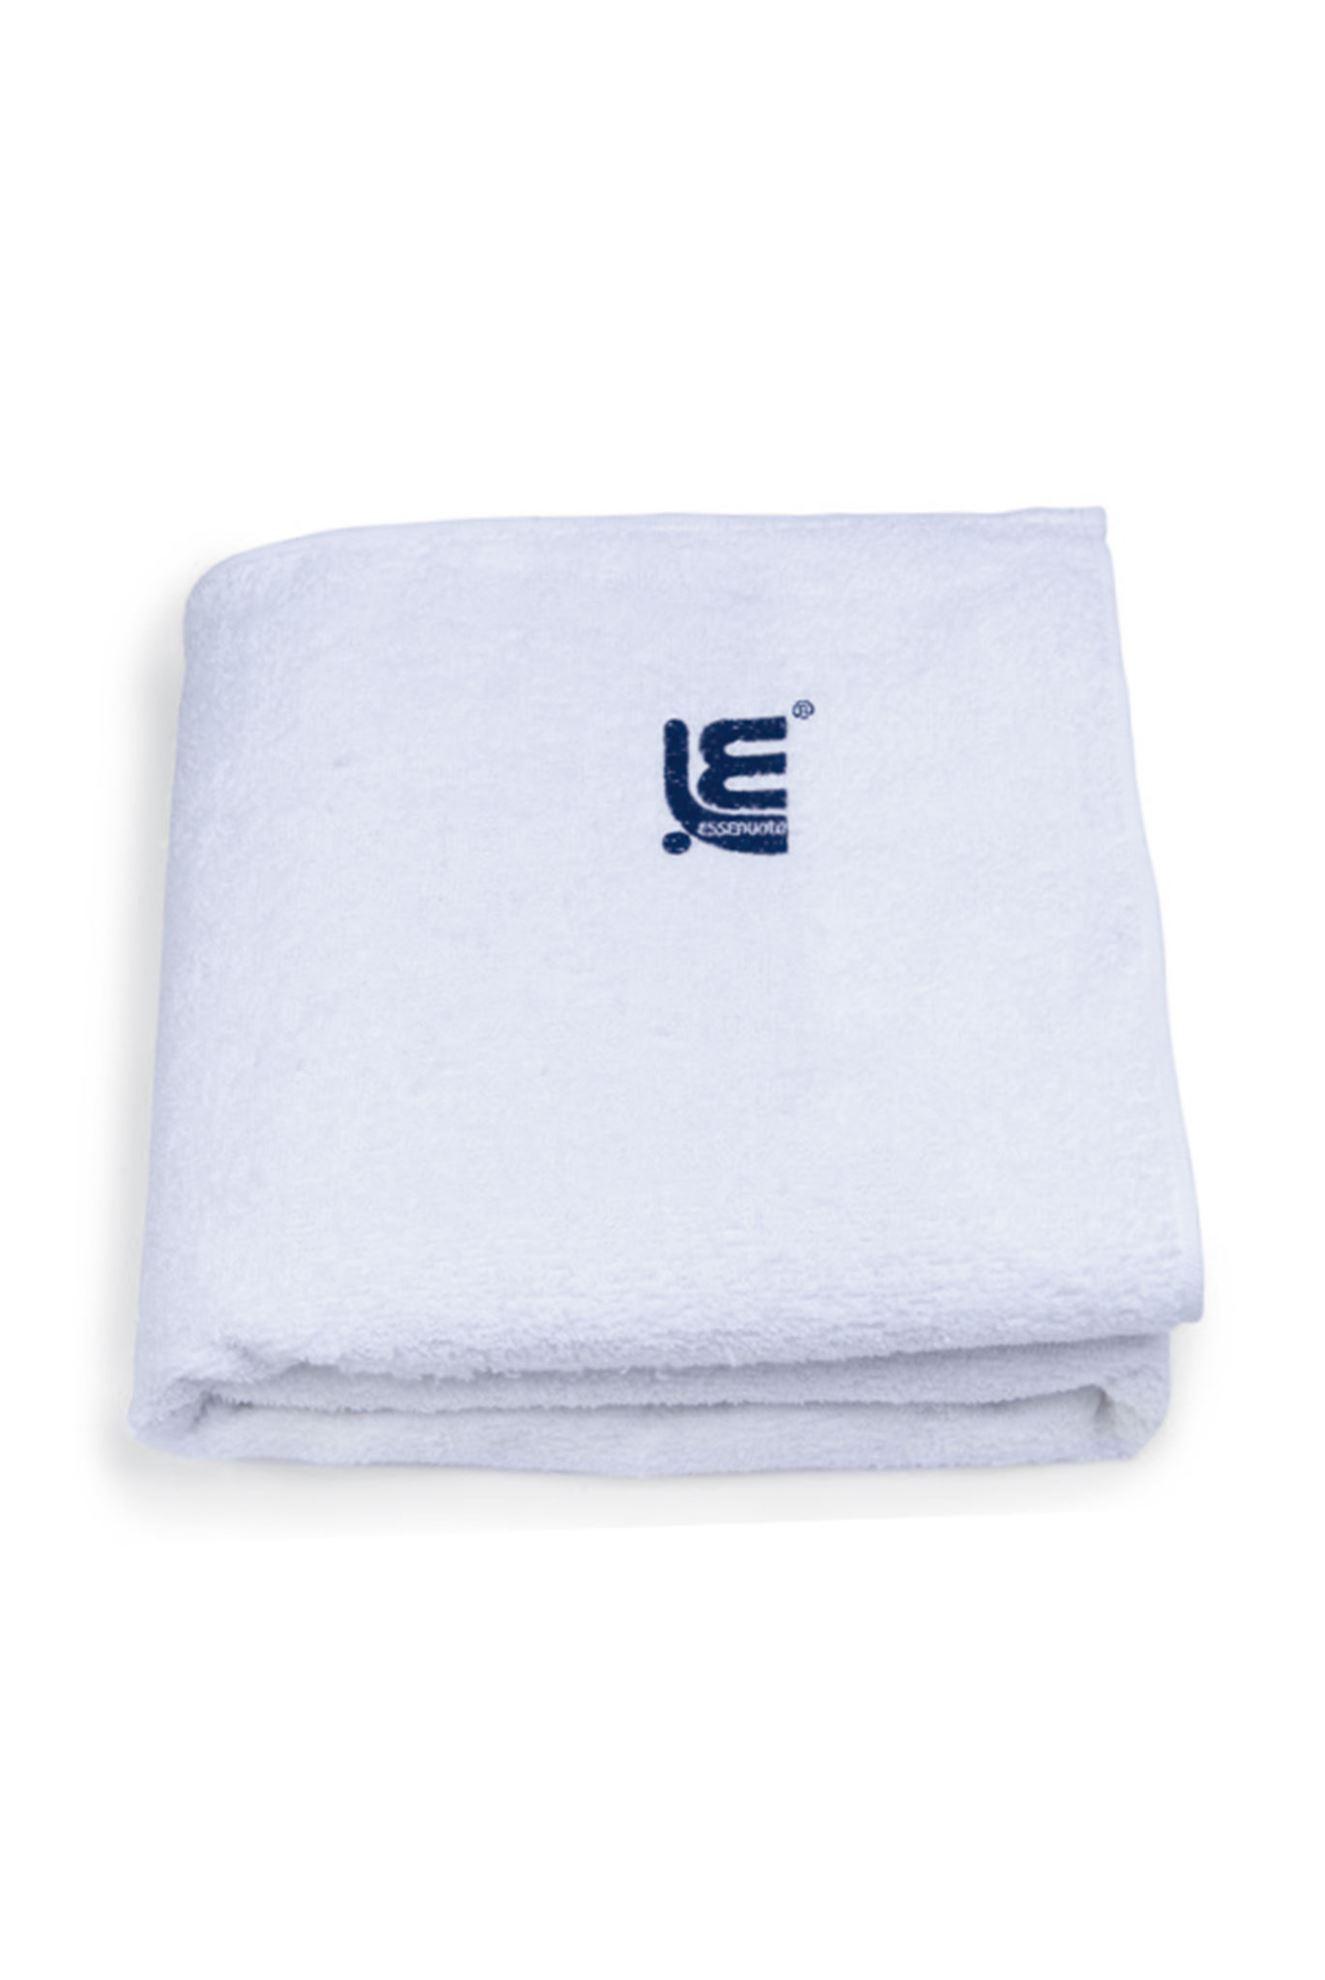 204014 MAXI PLAIN COLOUR TOWEL WHITE 80X160 CM